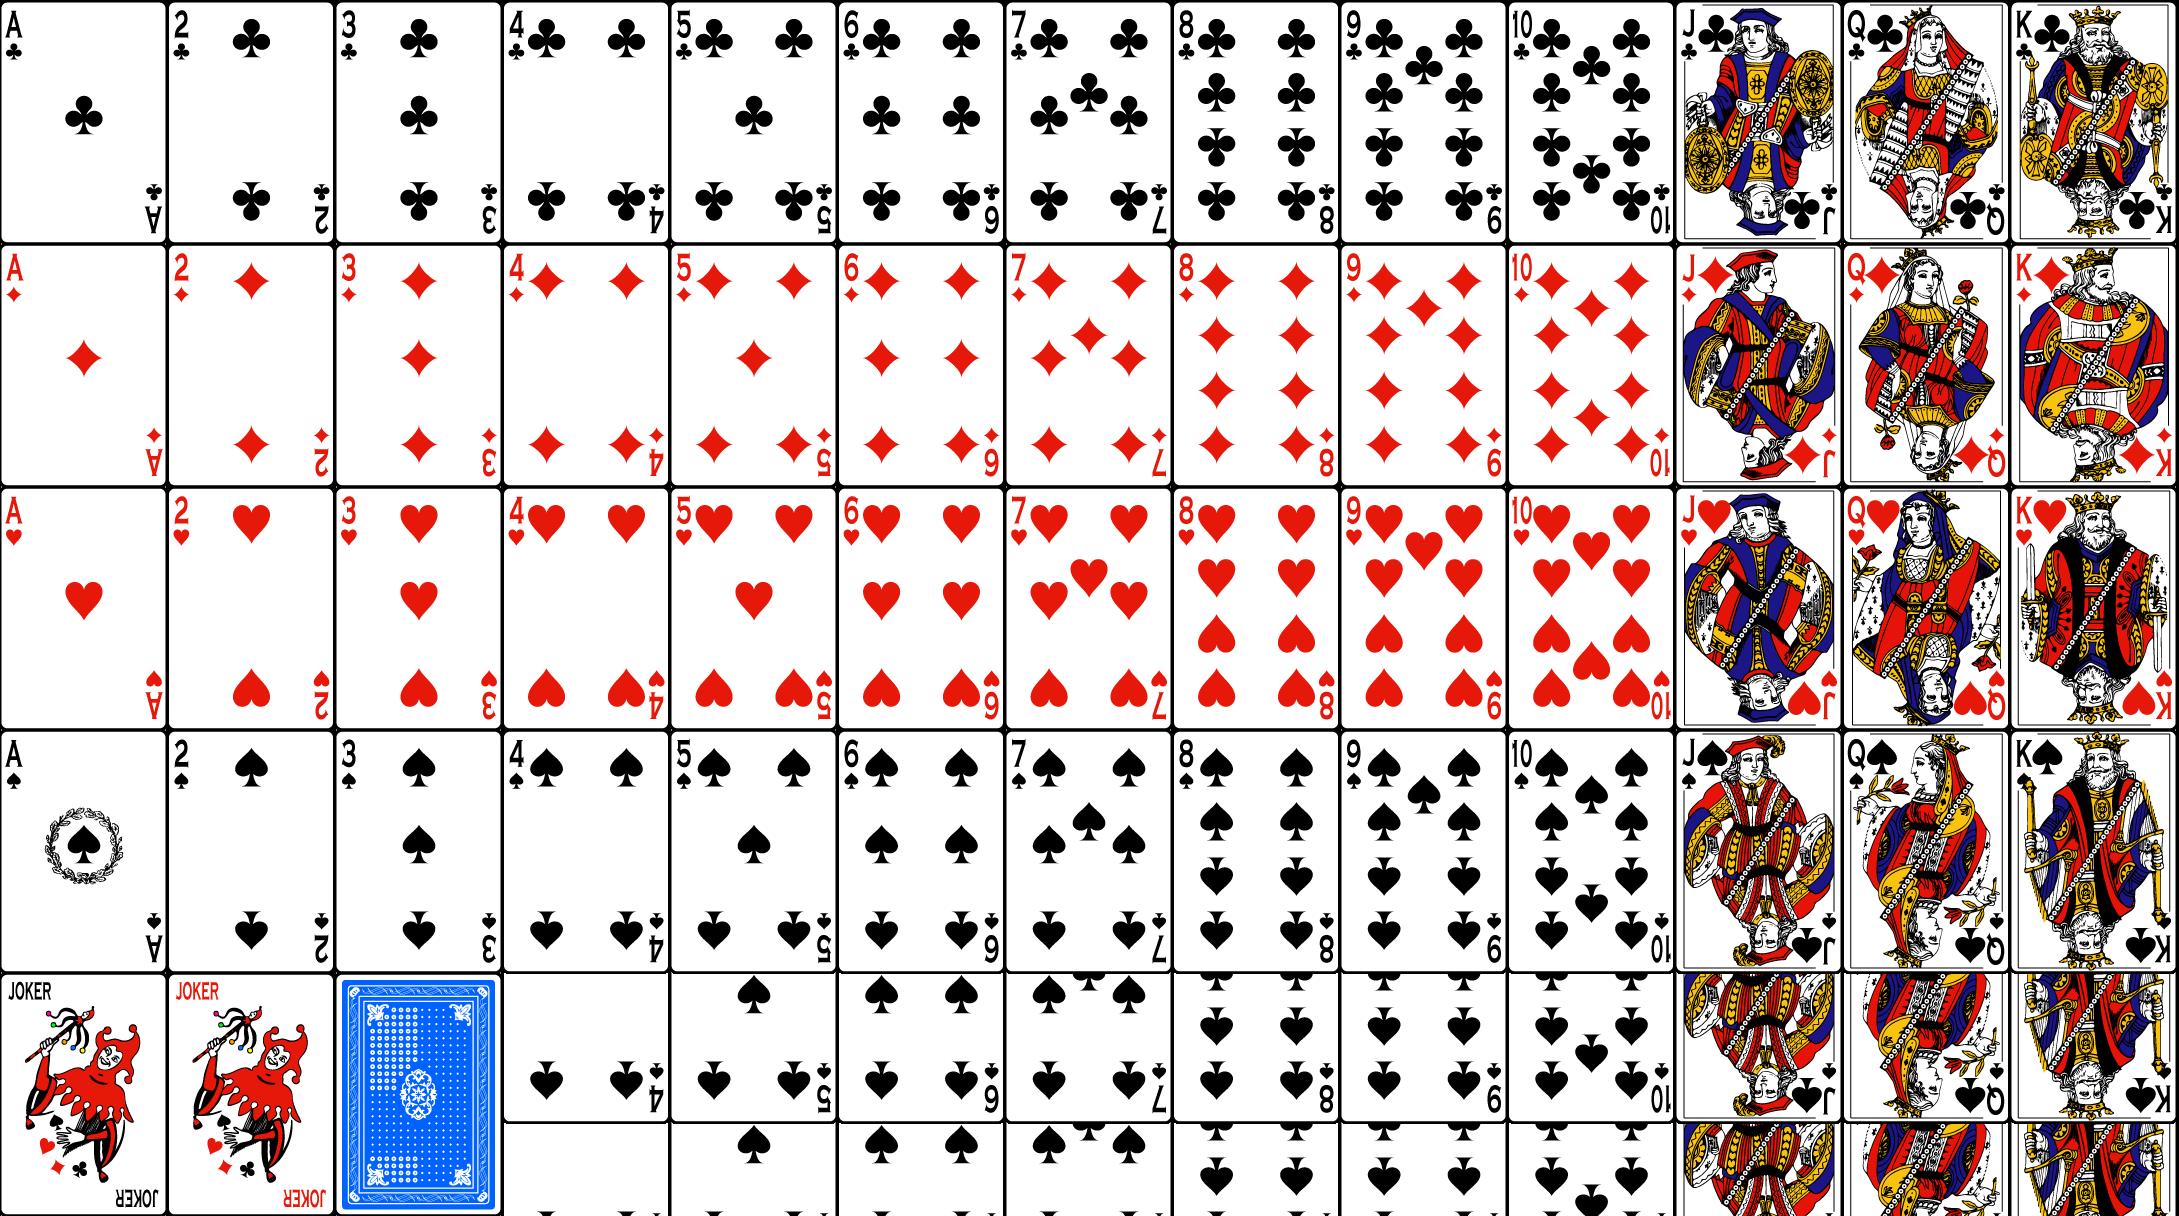 Количество карт в покерной колоде 52